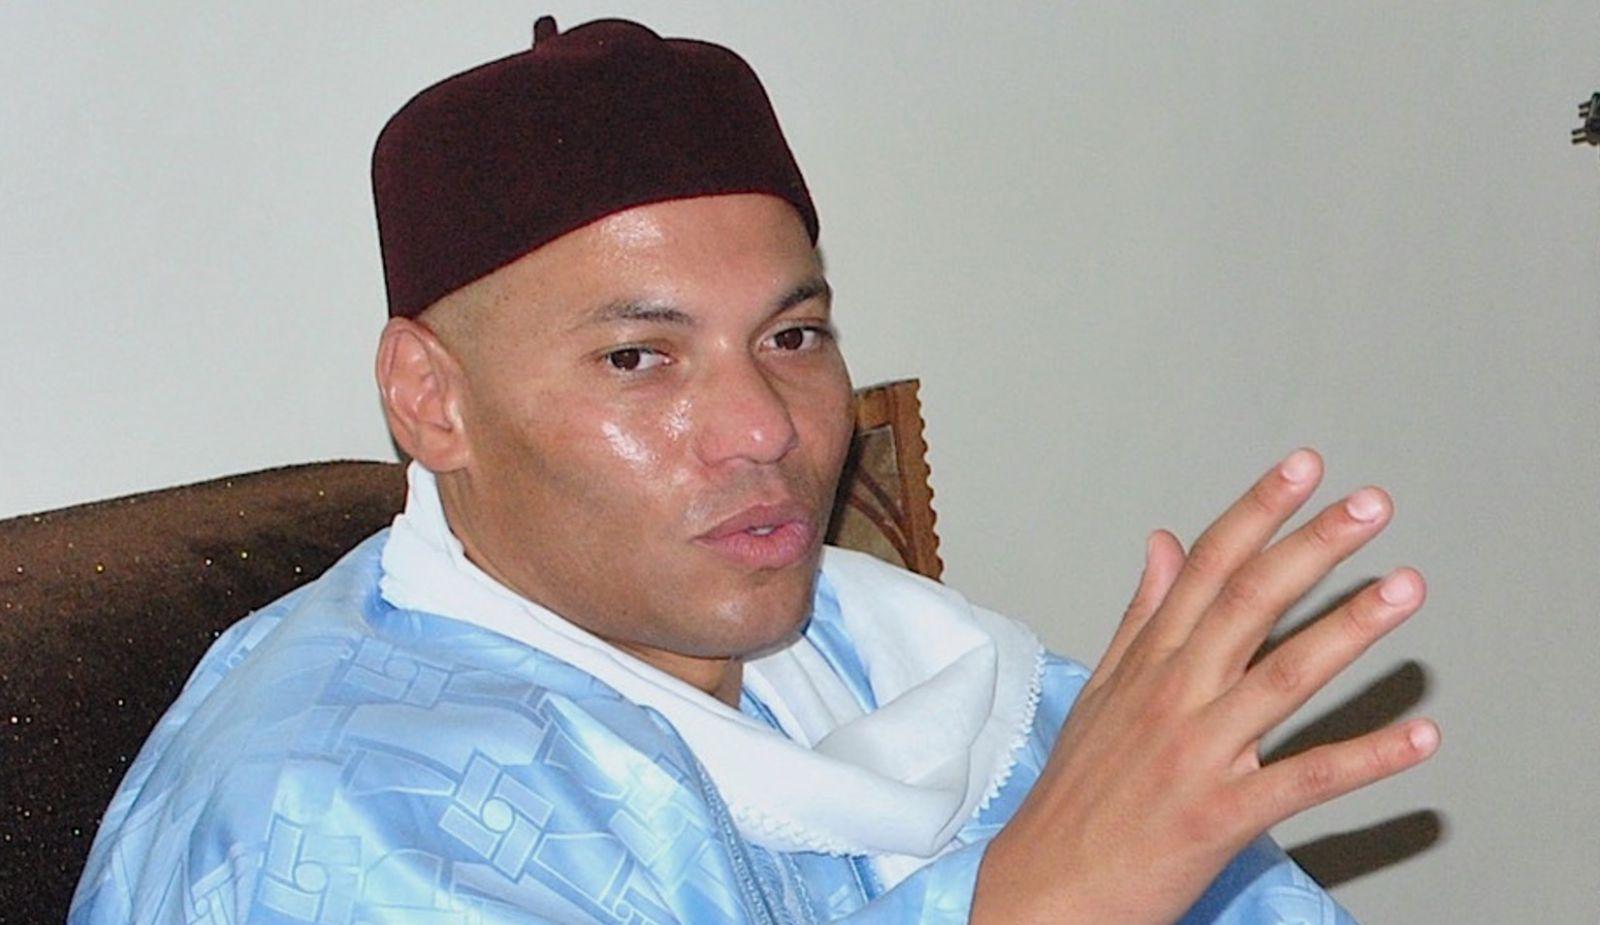 Interdiction d'inscription sur les listes électorales : Karim Wade électeur et éligible après 5 ans